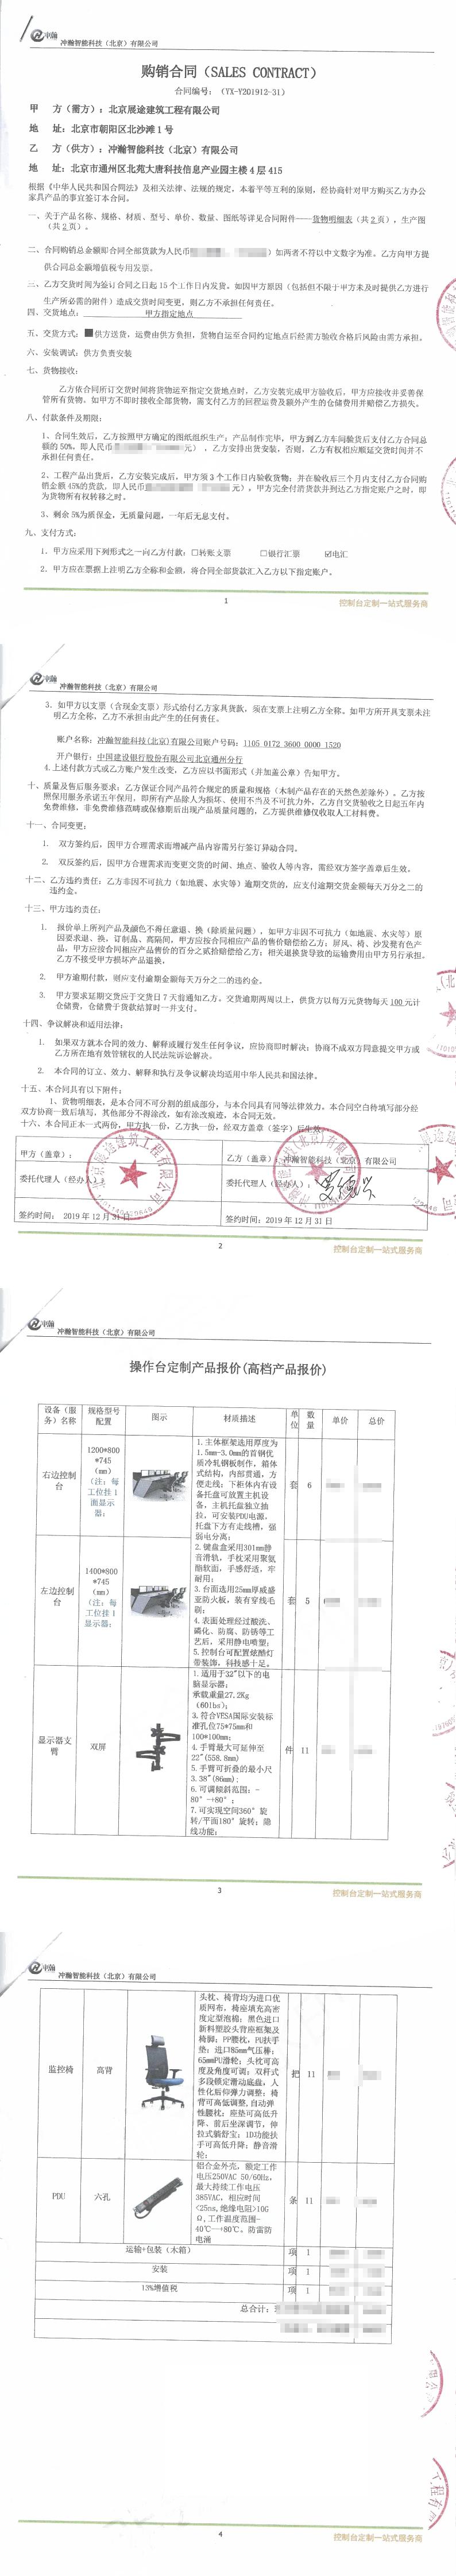 北京展途建筑工程有限公司_0